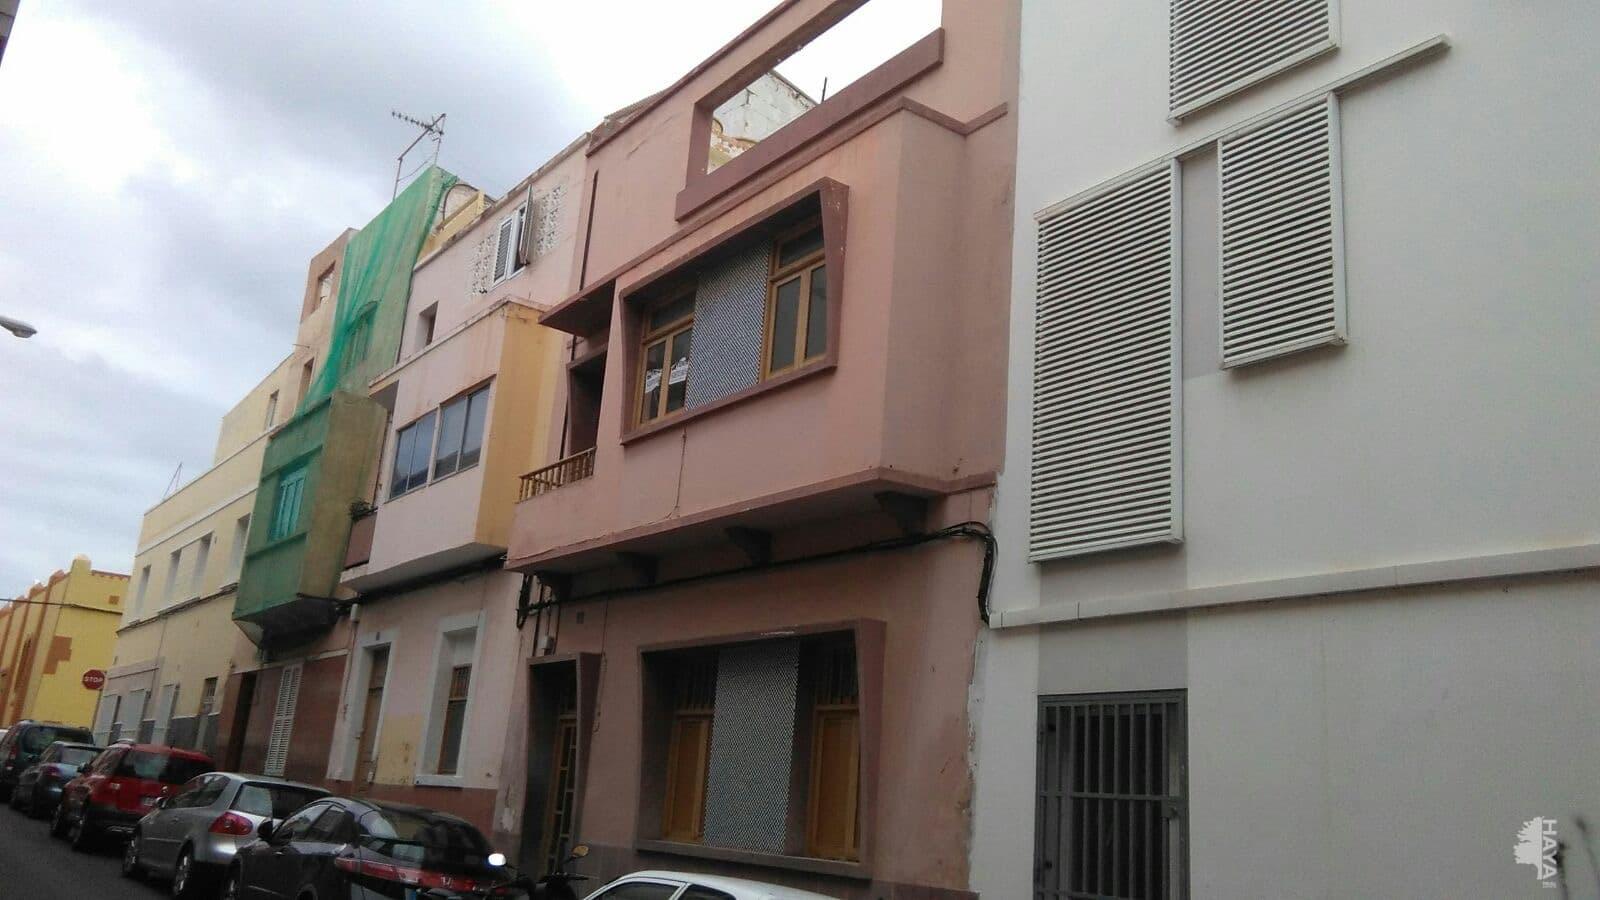 Piso en venta en Las Palmas de Gran Canaria, Las Palmas, Calle Umiaga, 129.372 €, 6 habitaciones, 2 baños, 162 m2